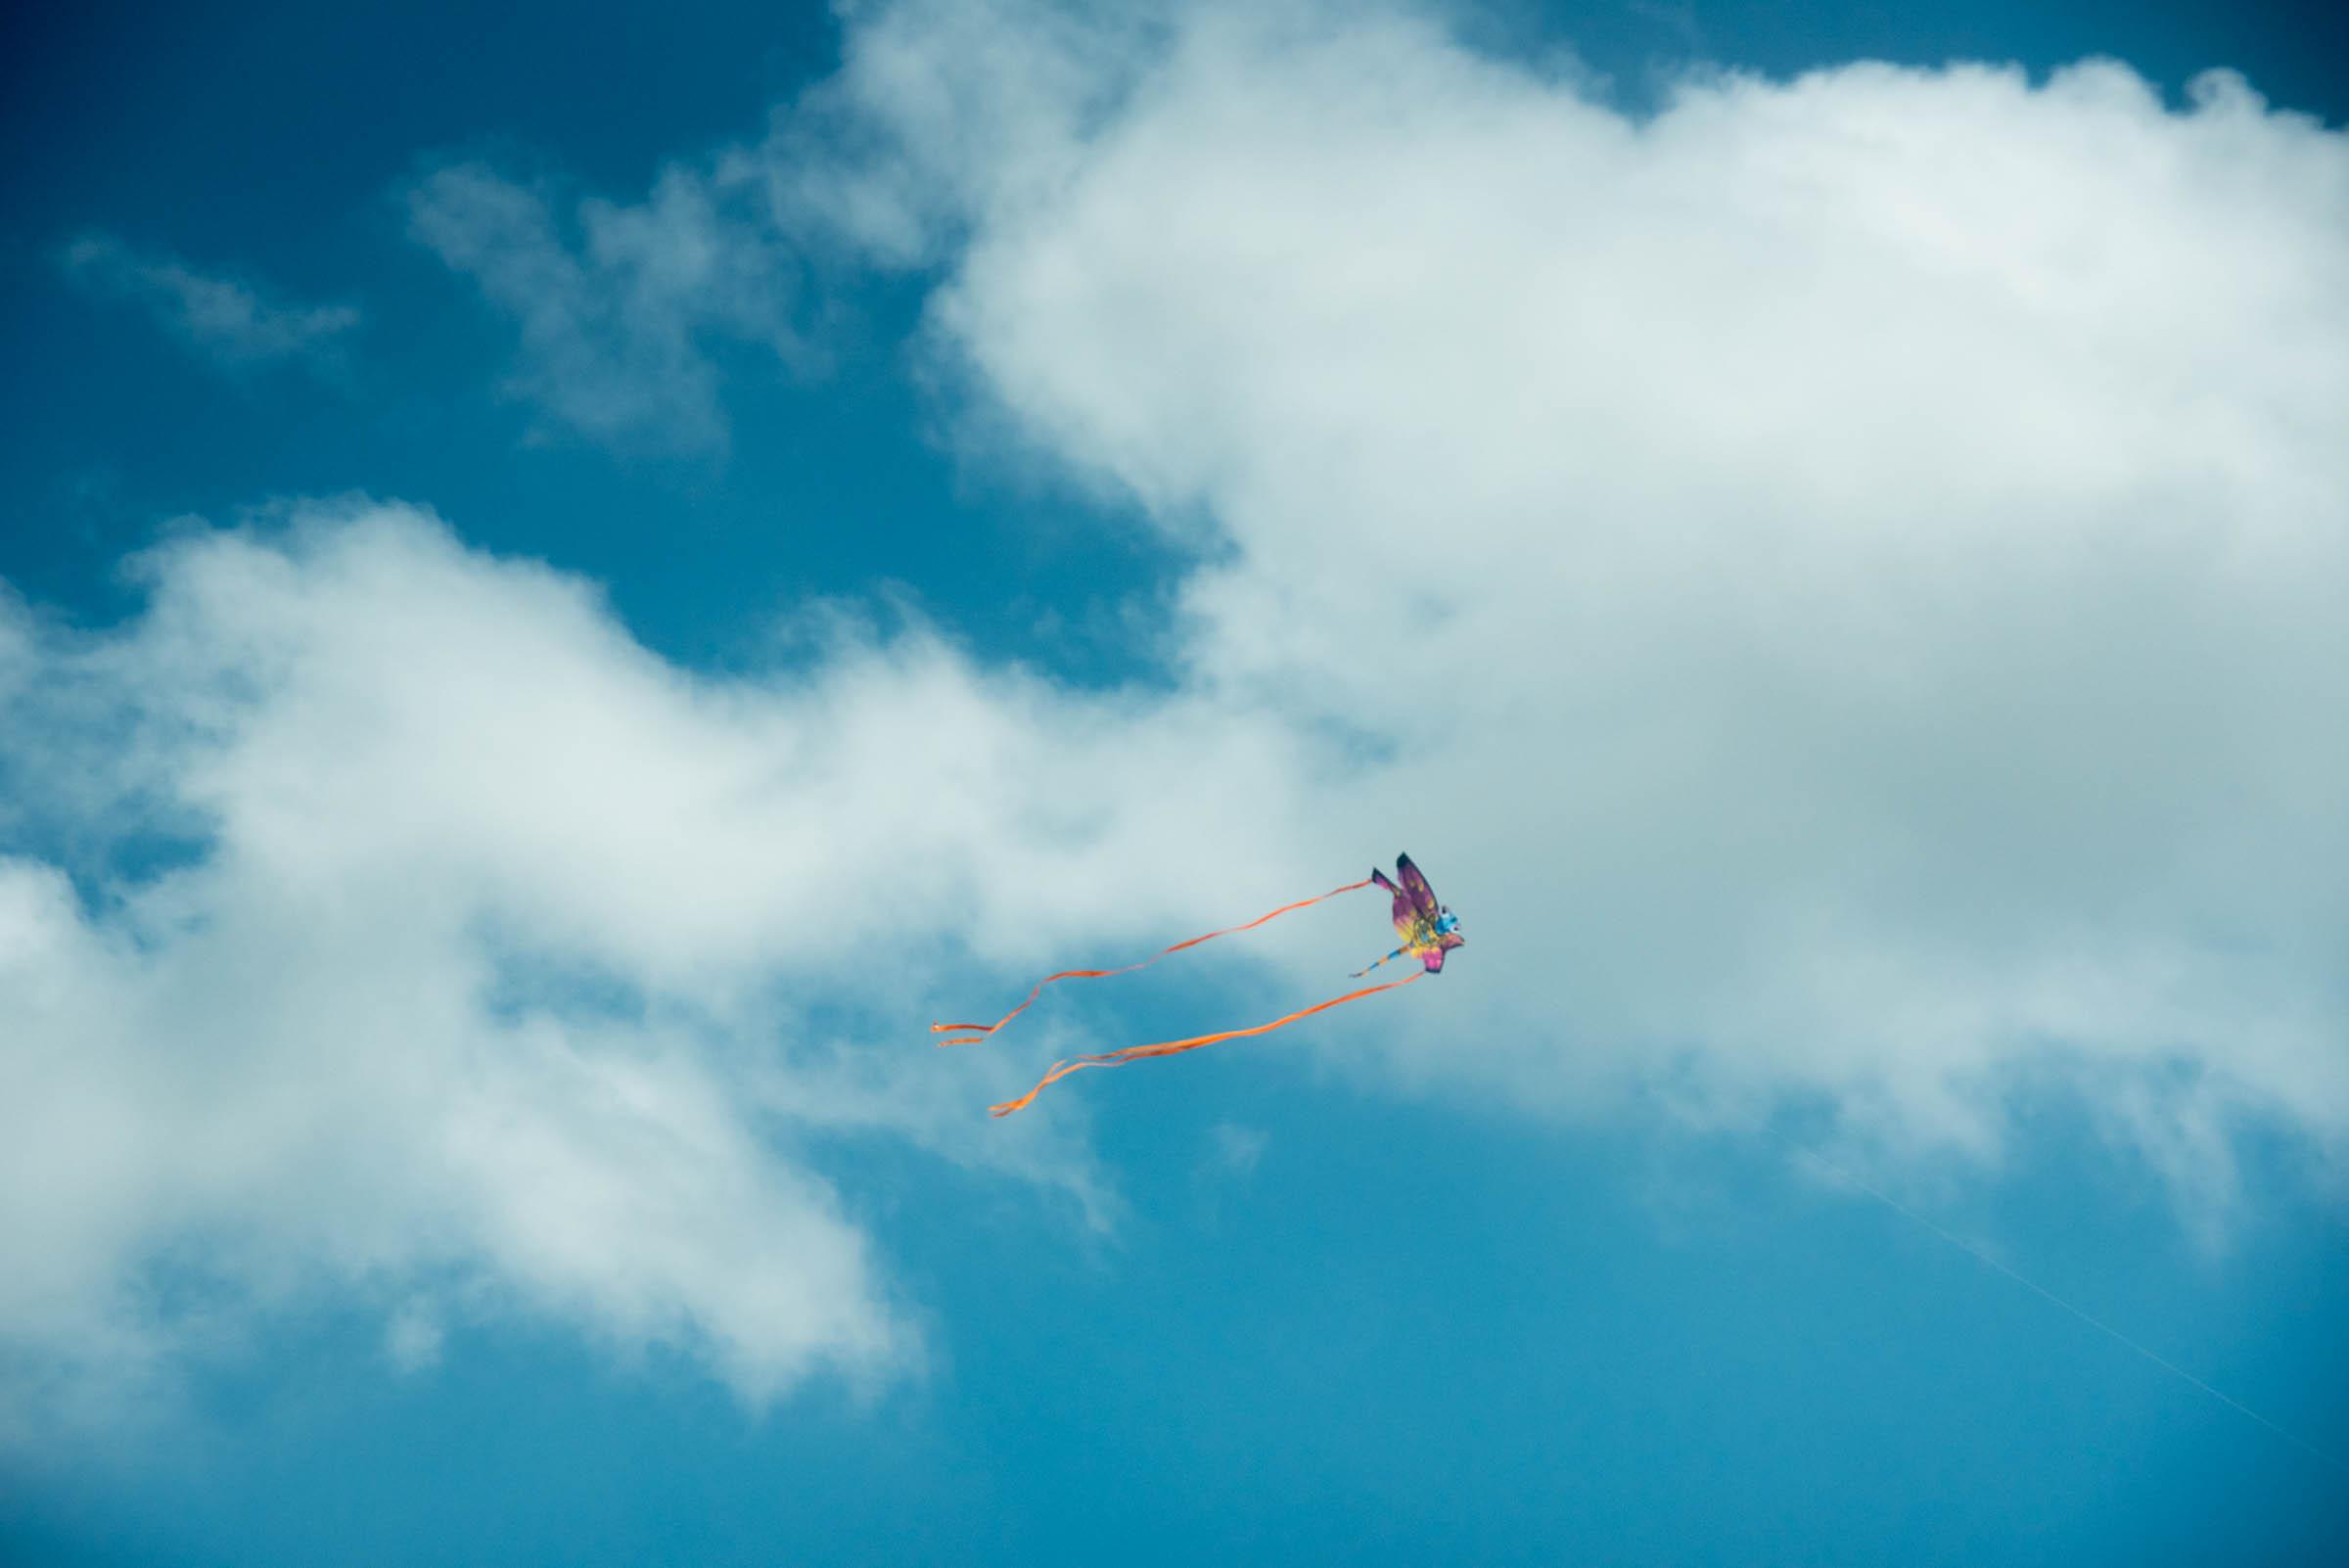 butterfly kite in sky